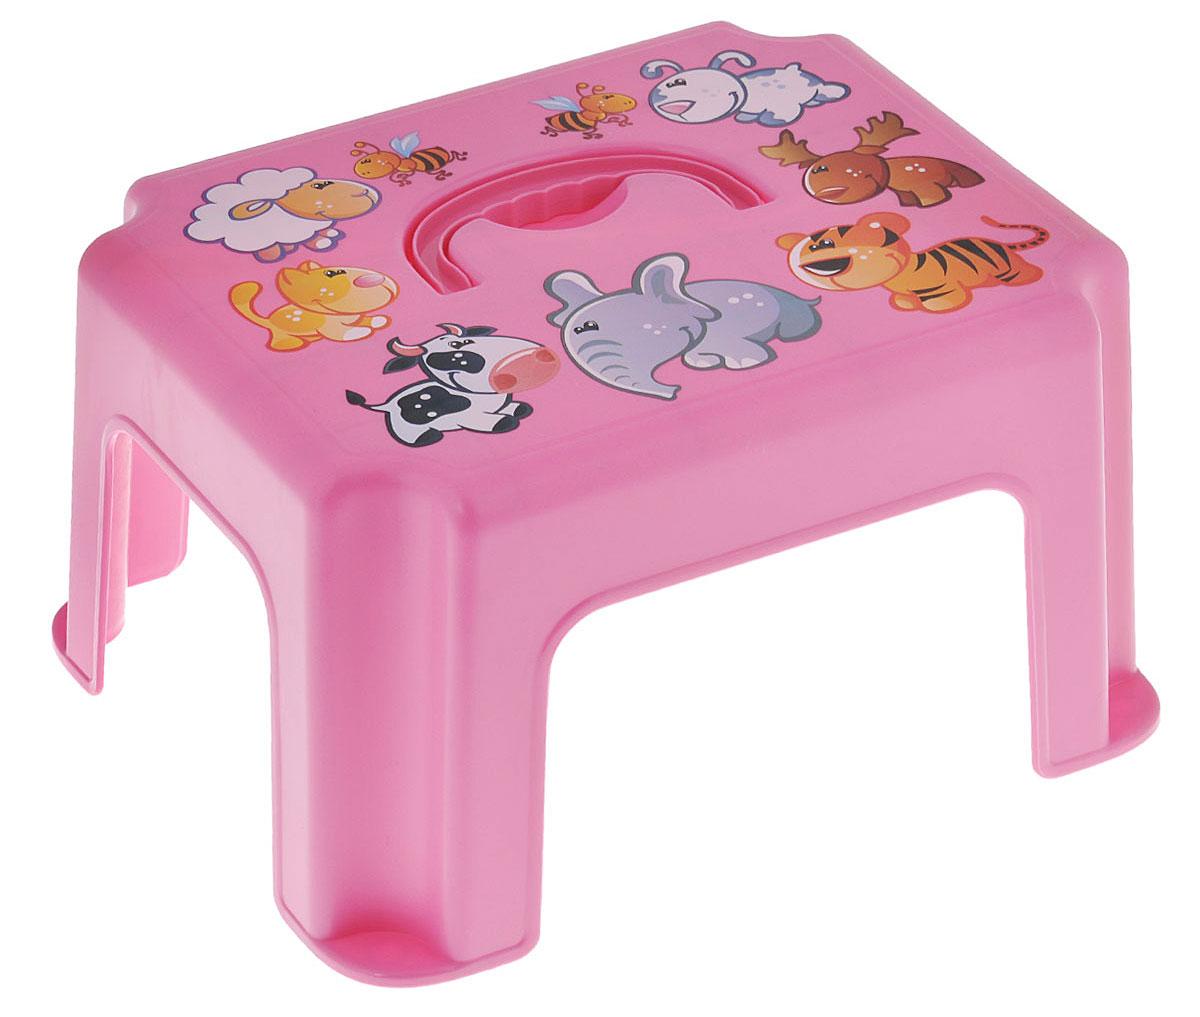 Idea Табурет-подставка детский с ручкой цвет розовый бальзамы для мам и малышей